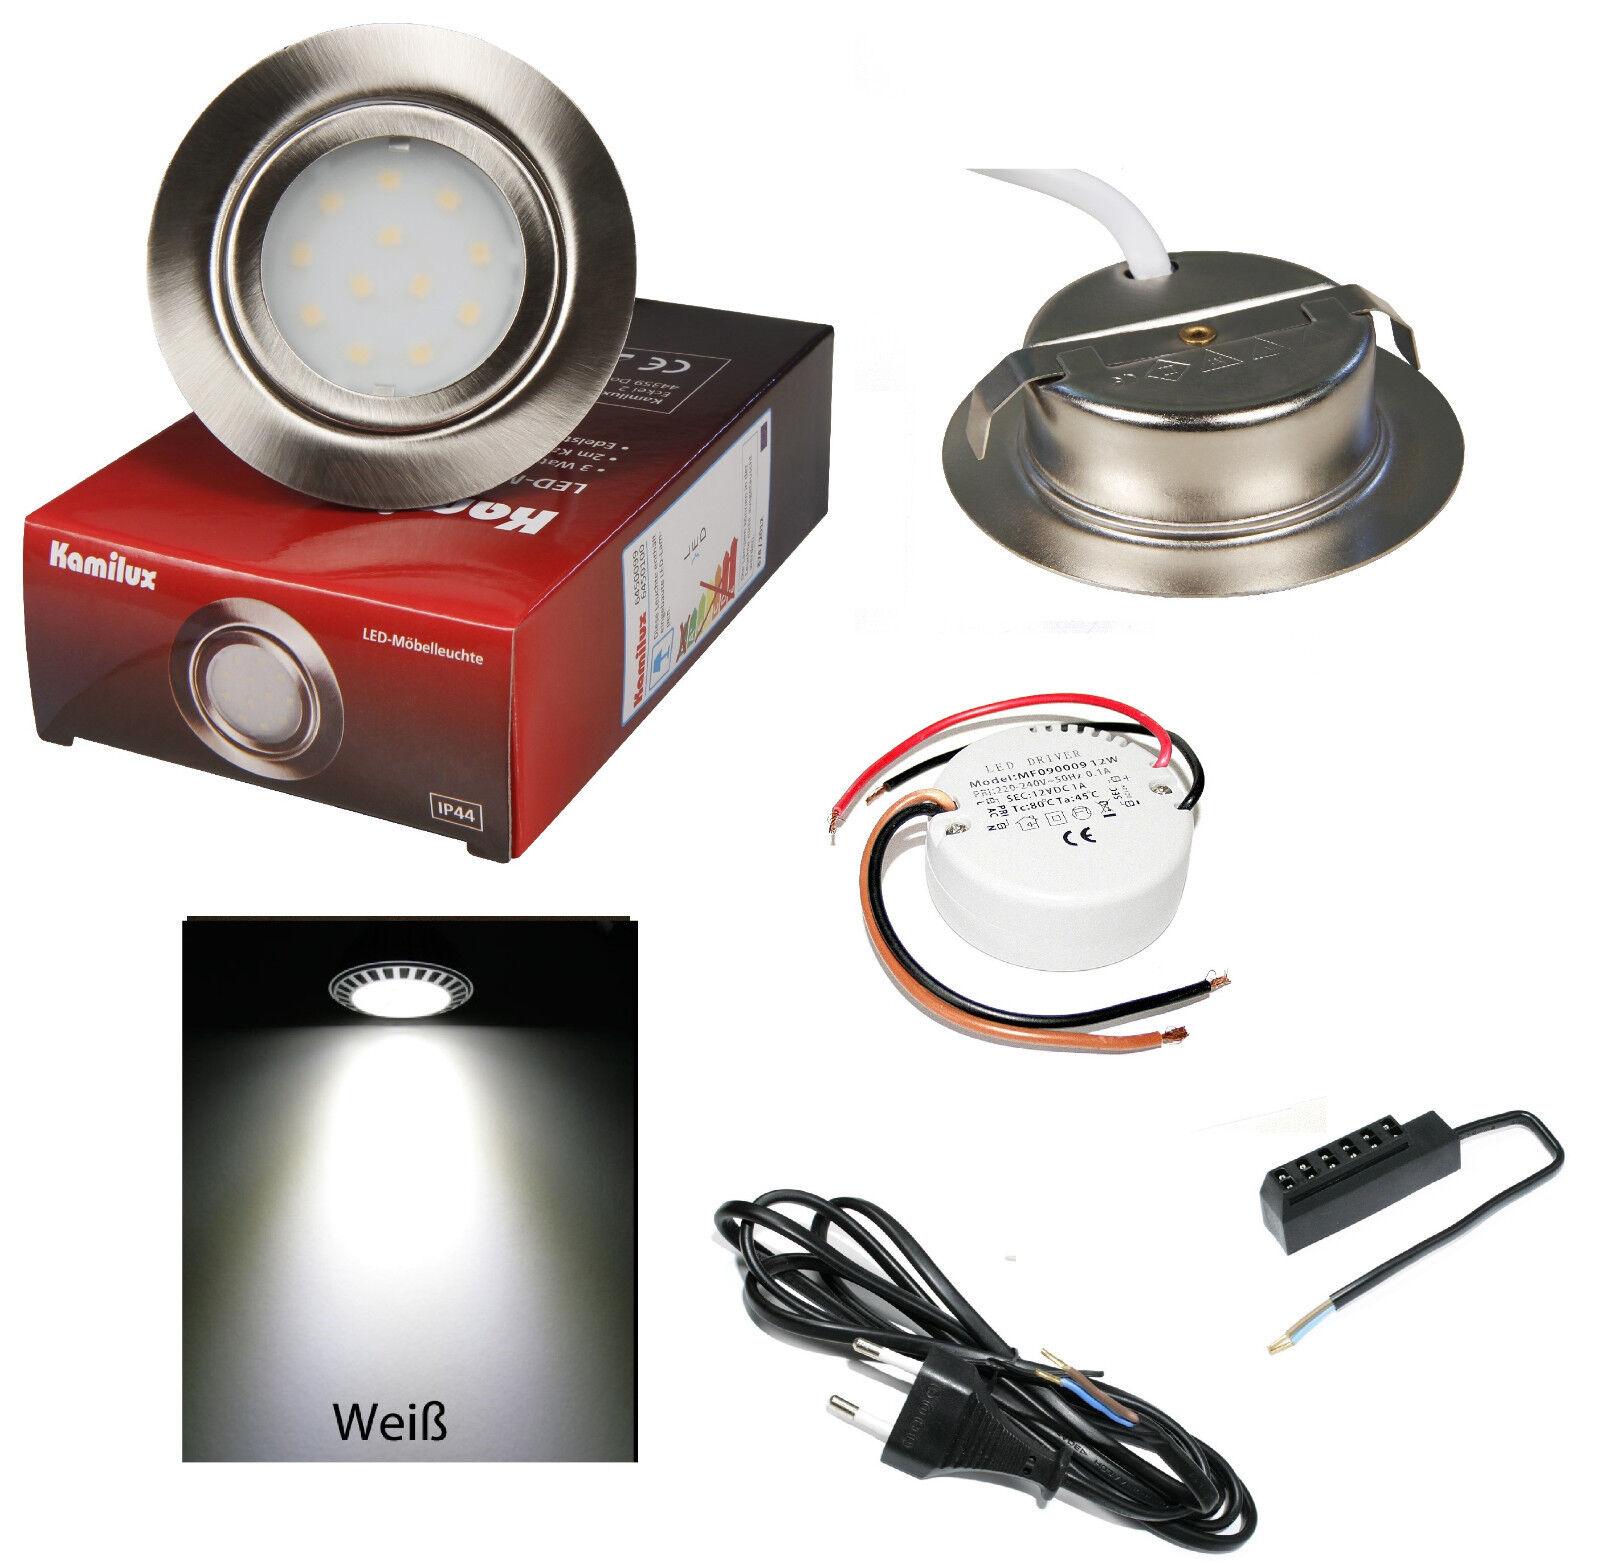 Einbauleuchte 12V LED Mobi 3W = 30W Weiss inkl. AMP Grüneiler + Trafo